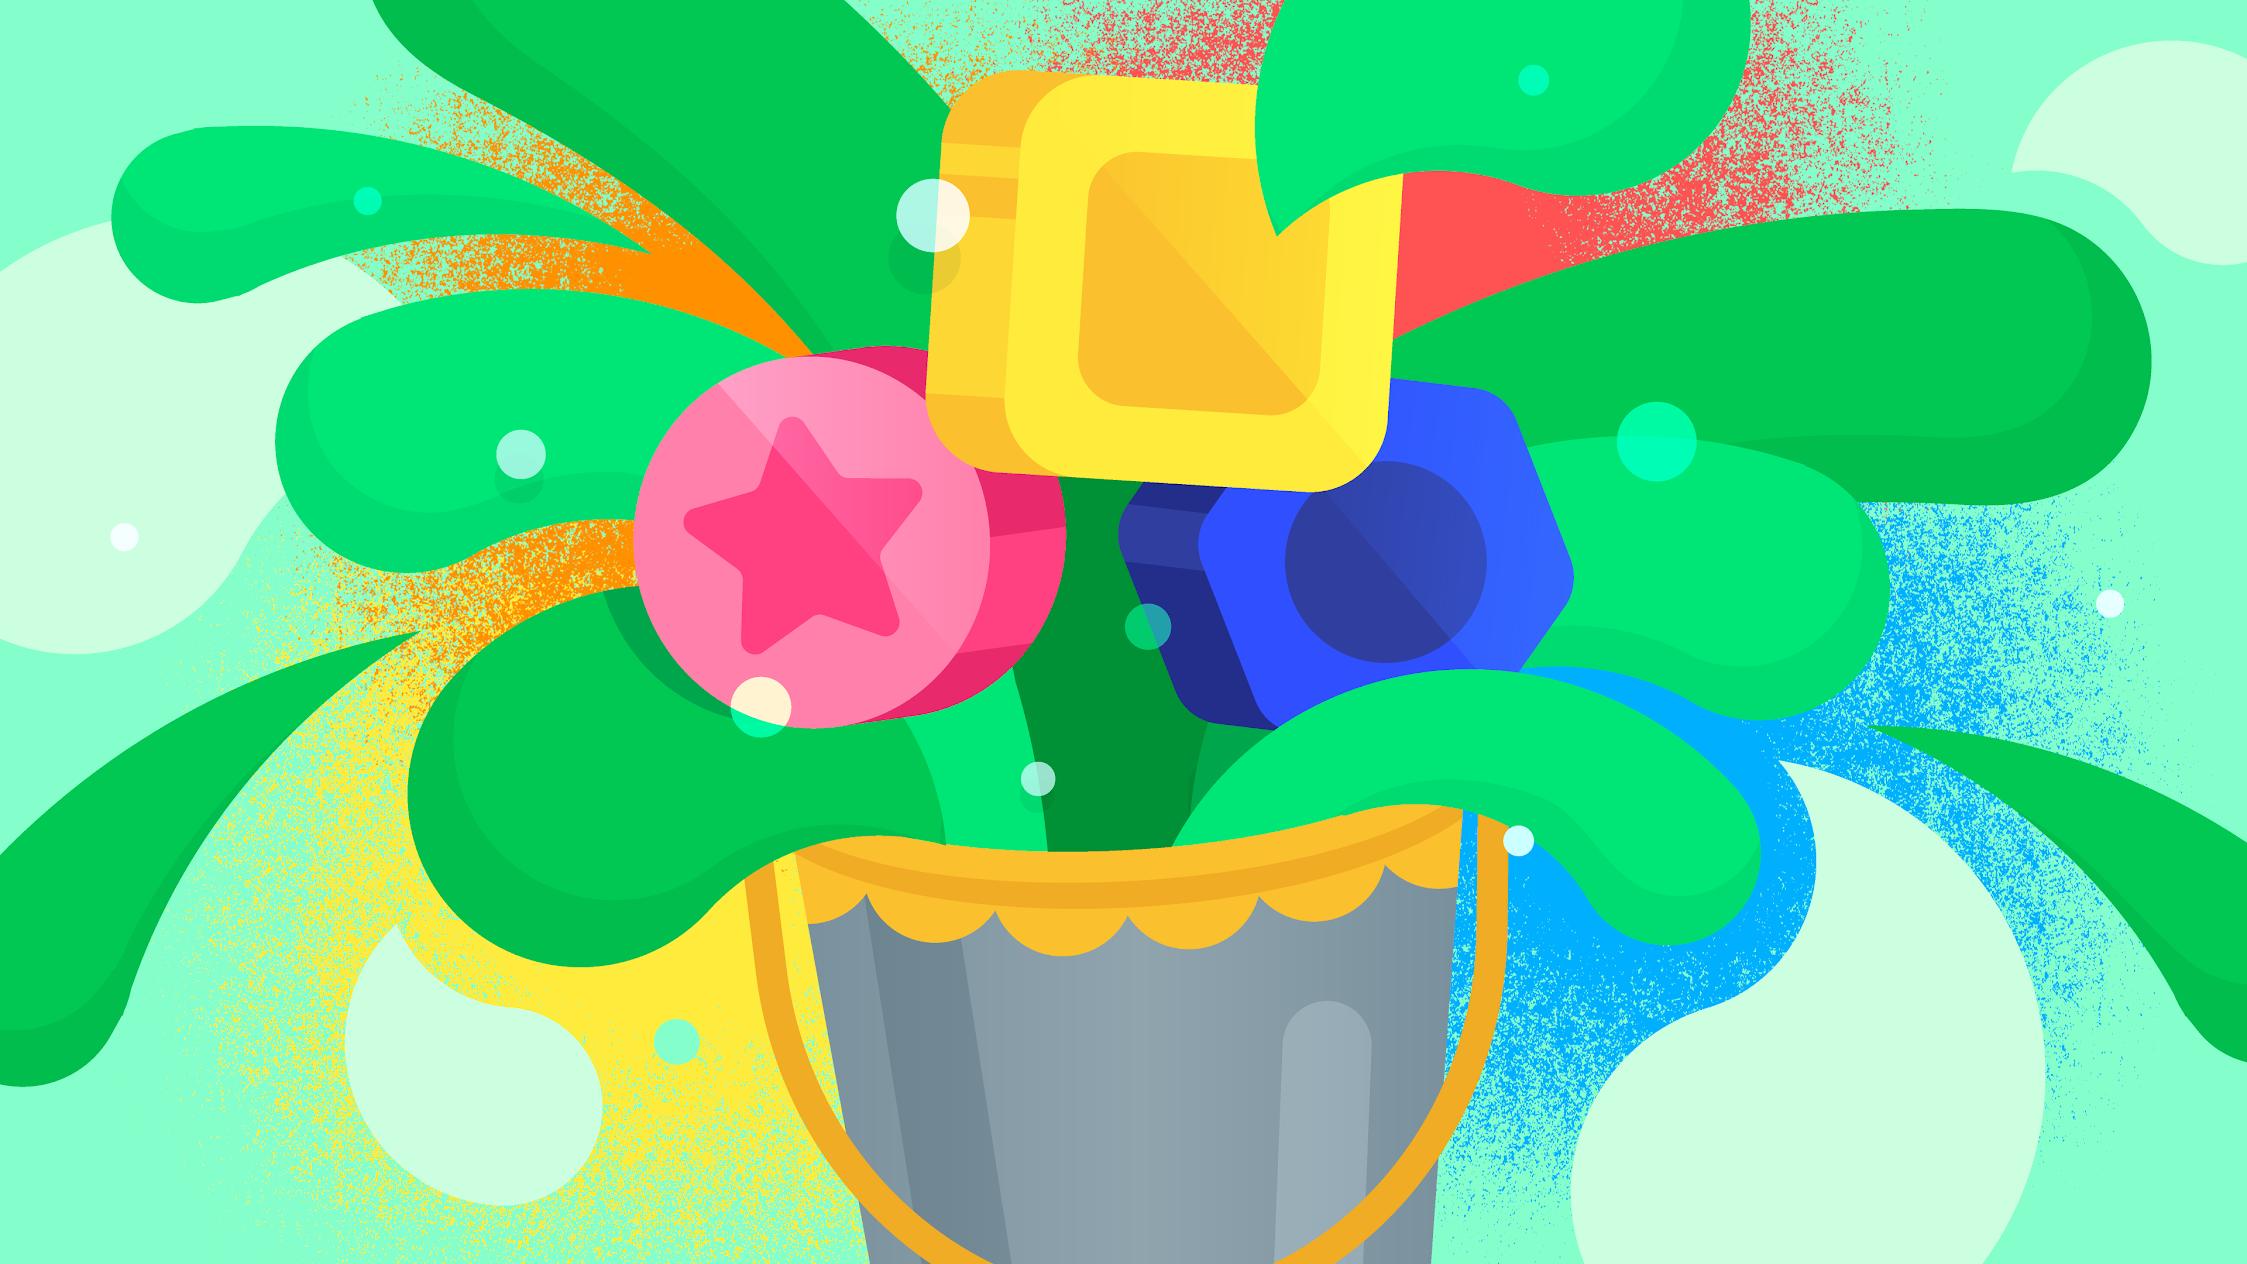 自由に表現しよう!おすすめ描画・塗り絵アプリ 5 選